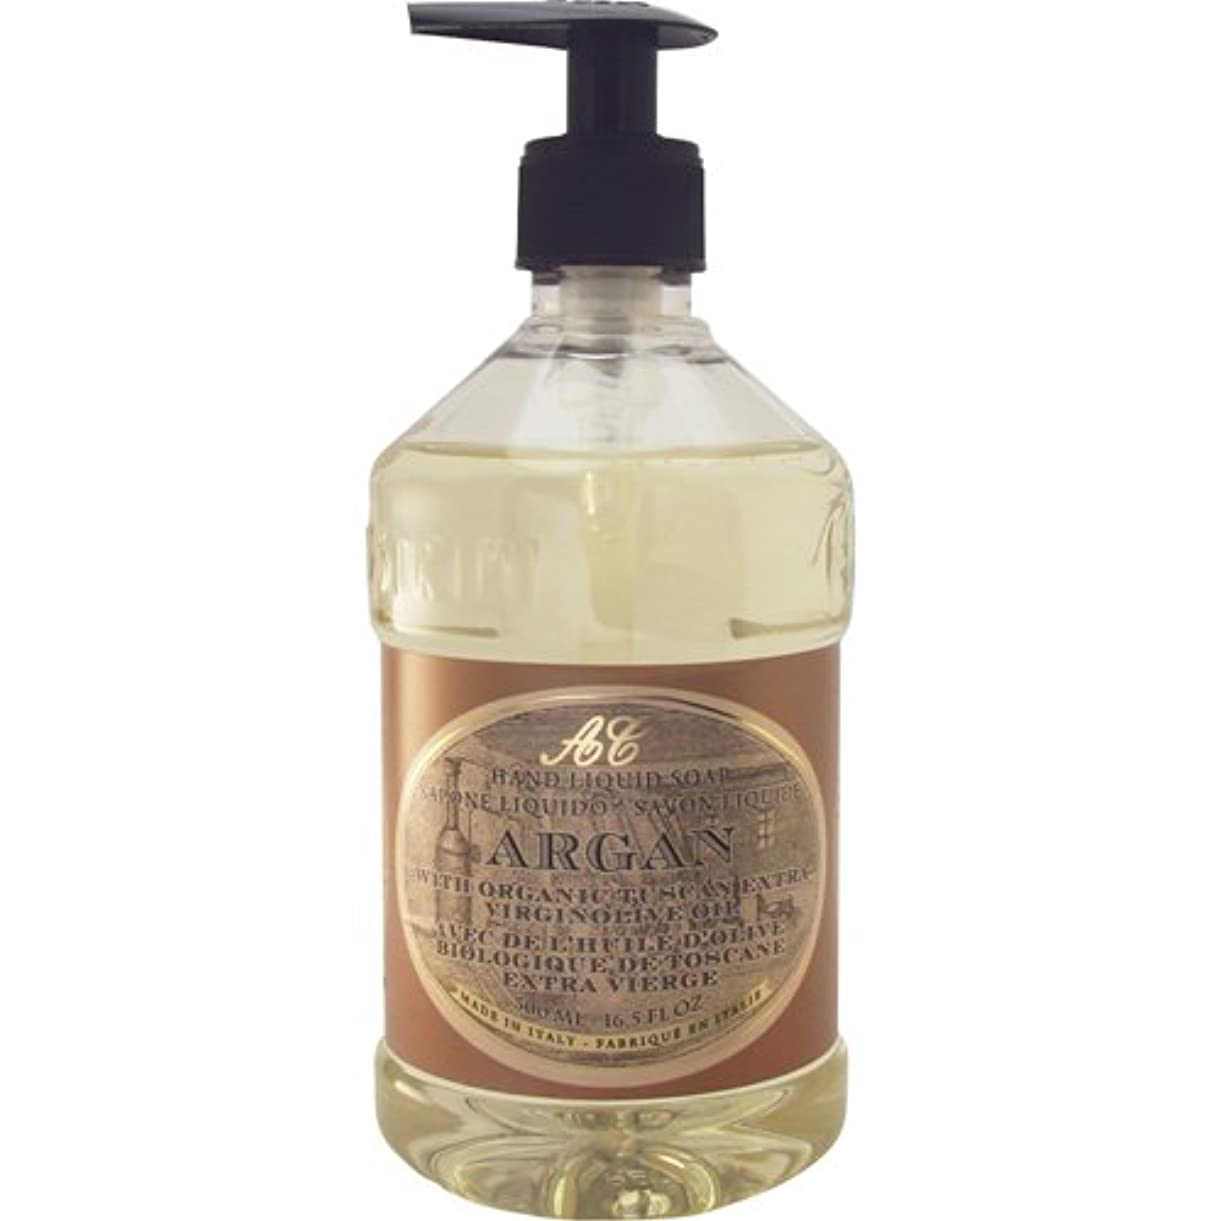 絡み合いセマフォ家事をするSaponerire Fissi レトロシリーズ Liquid Soap リキッドソープ 500ml Argan アルガンオイル